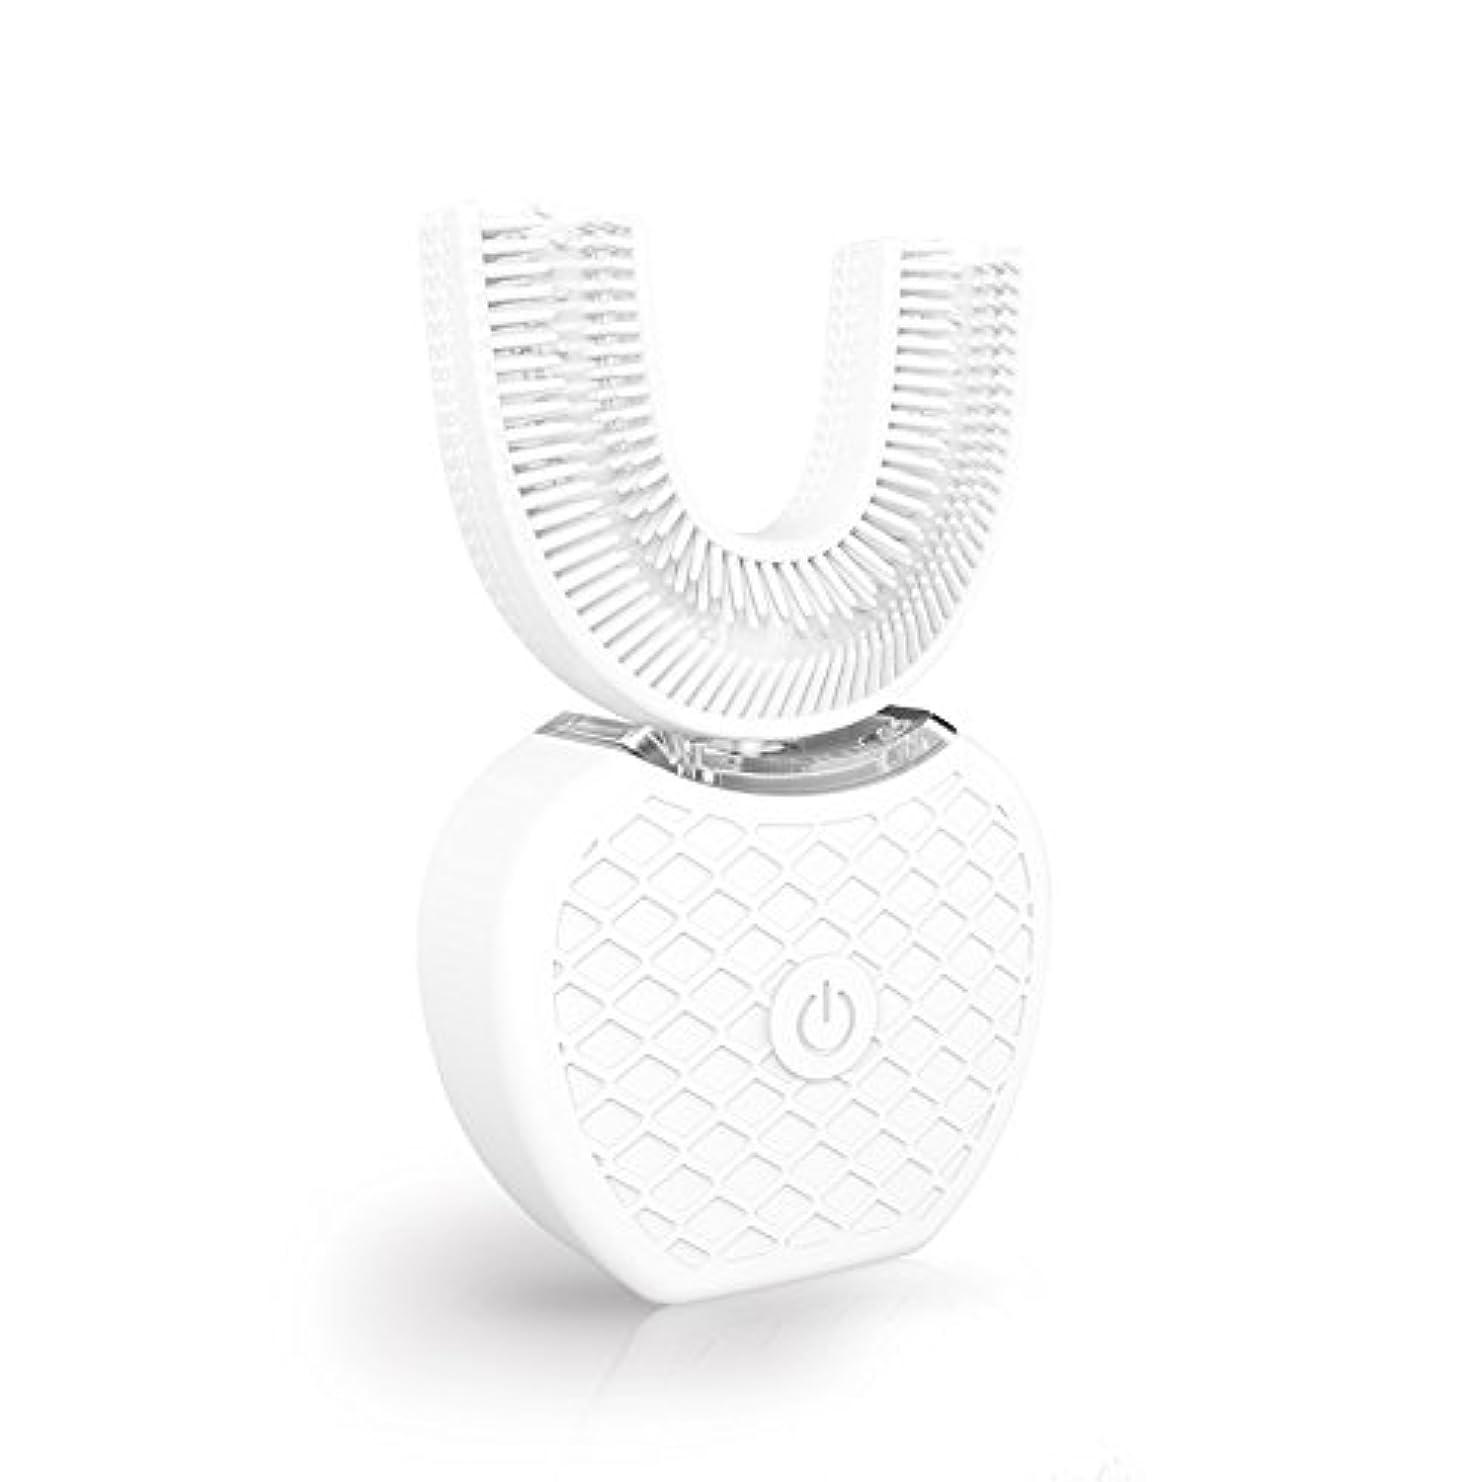 挑む導入するスキニーHANSHUMY 自動歯ブラシ 怠け者歯ブラシ ナノブルレー 電動 U型 超音波 専門360°全方位 4段調節 15秒に細菌清浄 IPX7レベル防水 自動 歯ブラシ ホワイト